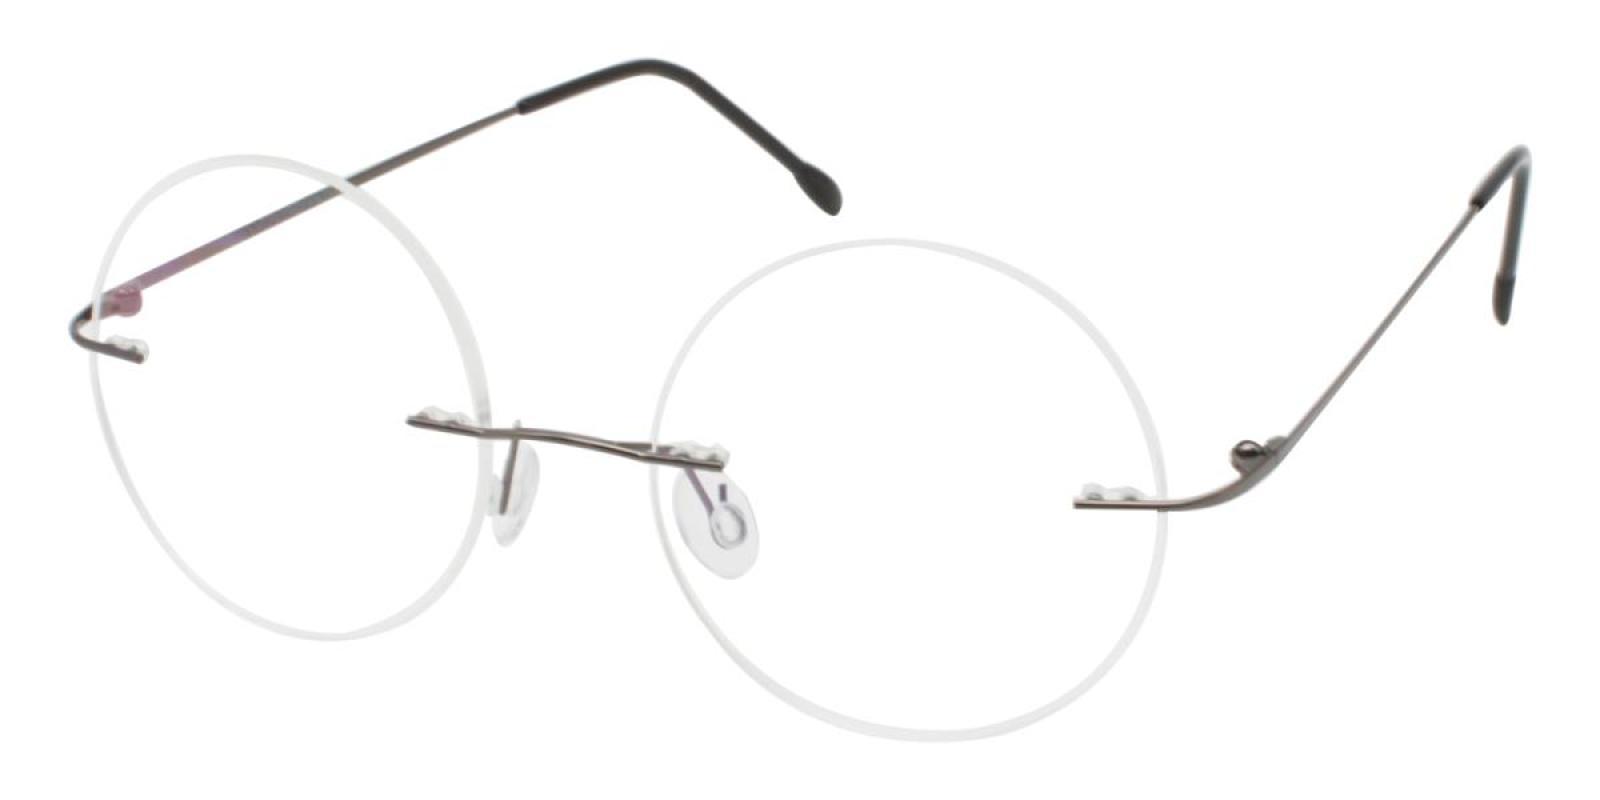 Knewphey-Gun-Varieties-Metal-Eyeglasses-additional1